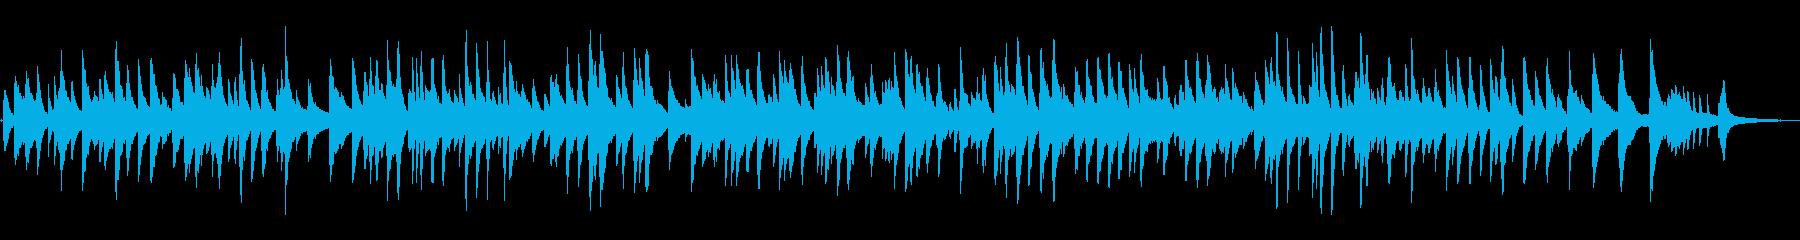 おうちでジャズラウンジ気分/ピアノソロの再生済みの波形